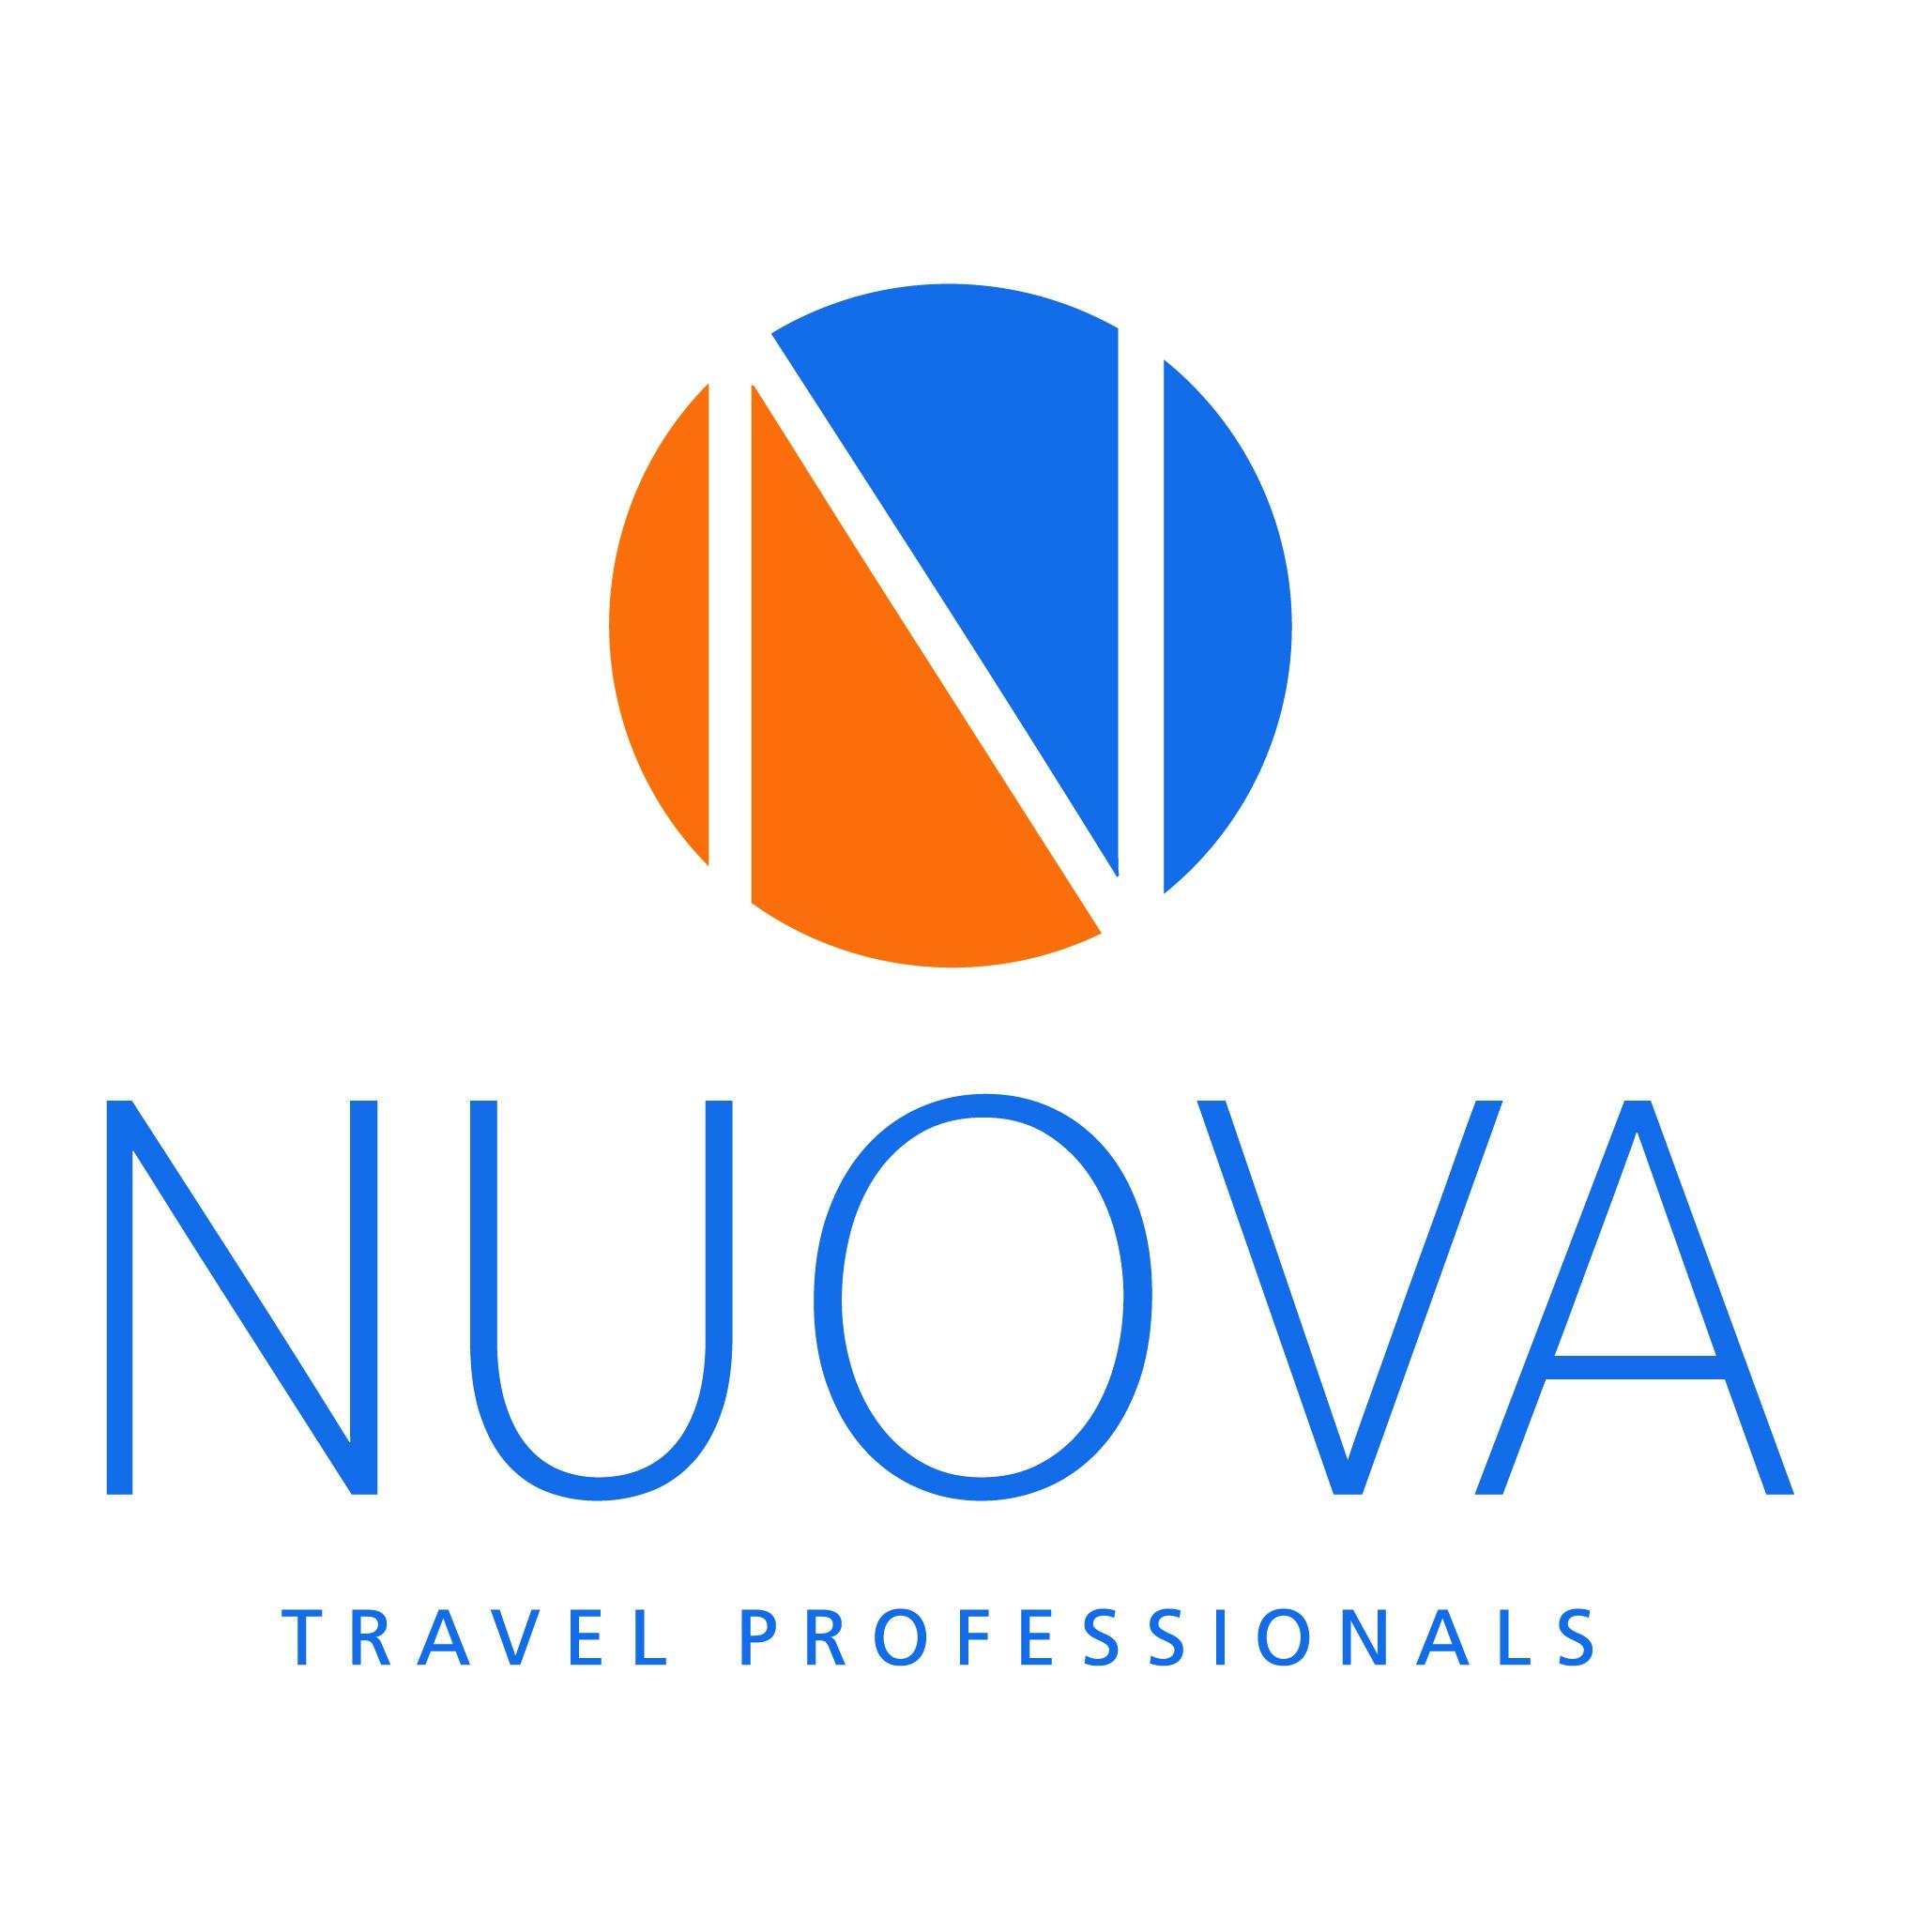 ΠΕΙΡΑΙΑΣ: NUOVA TRAVEL